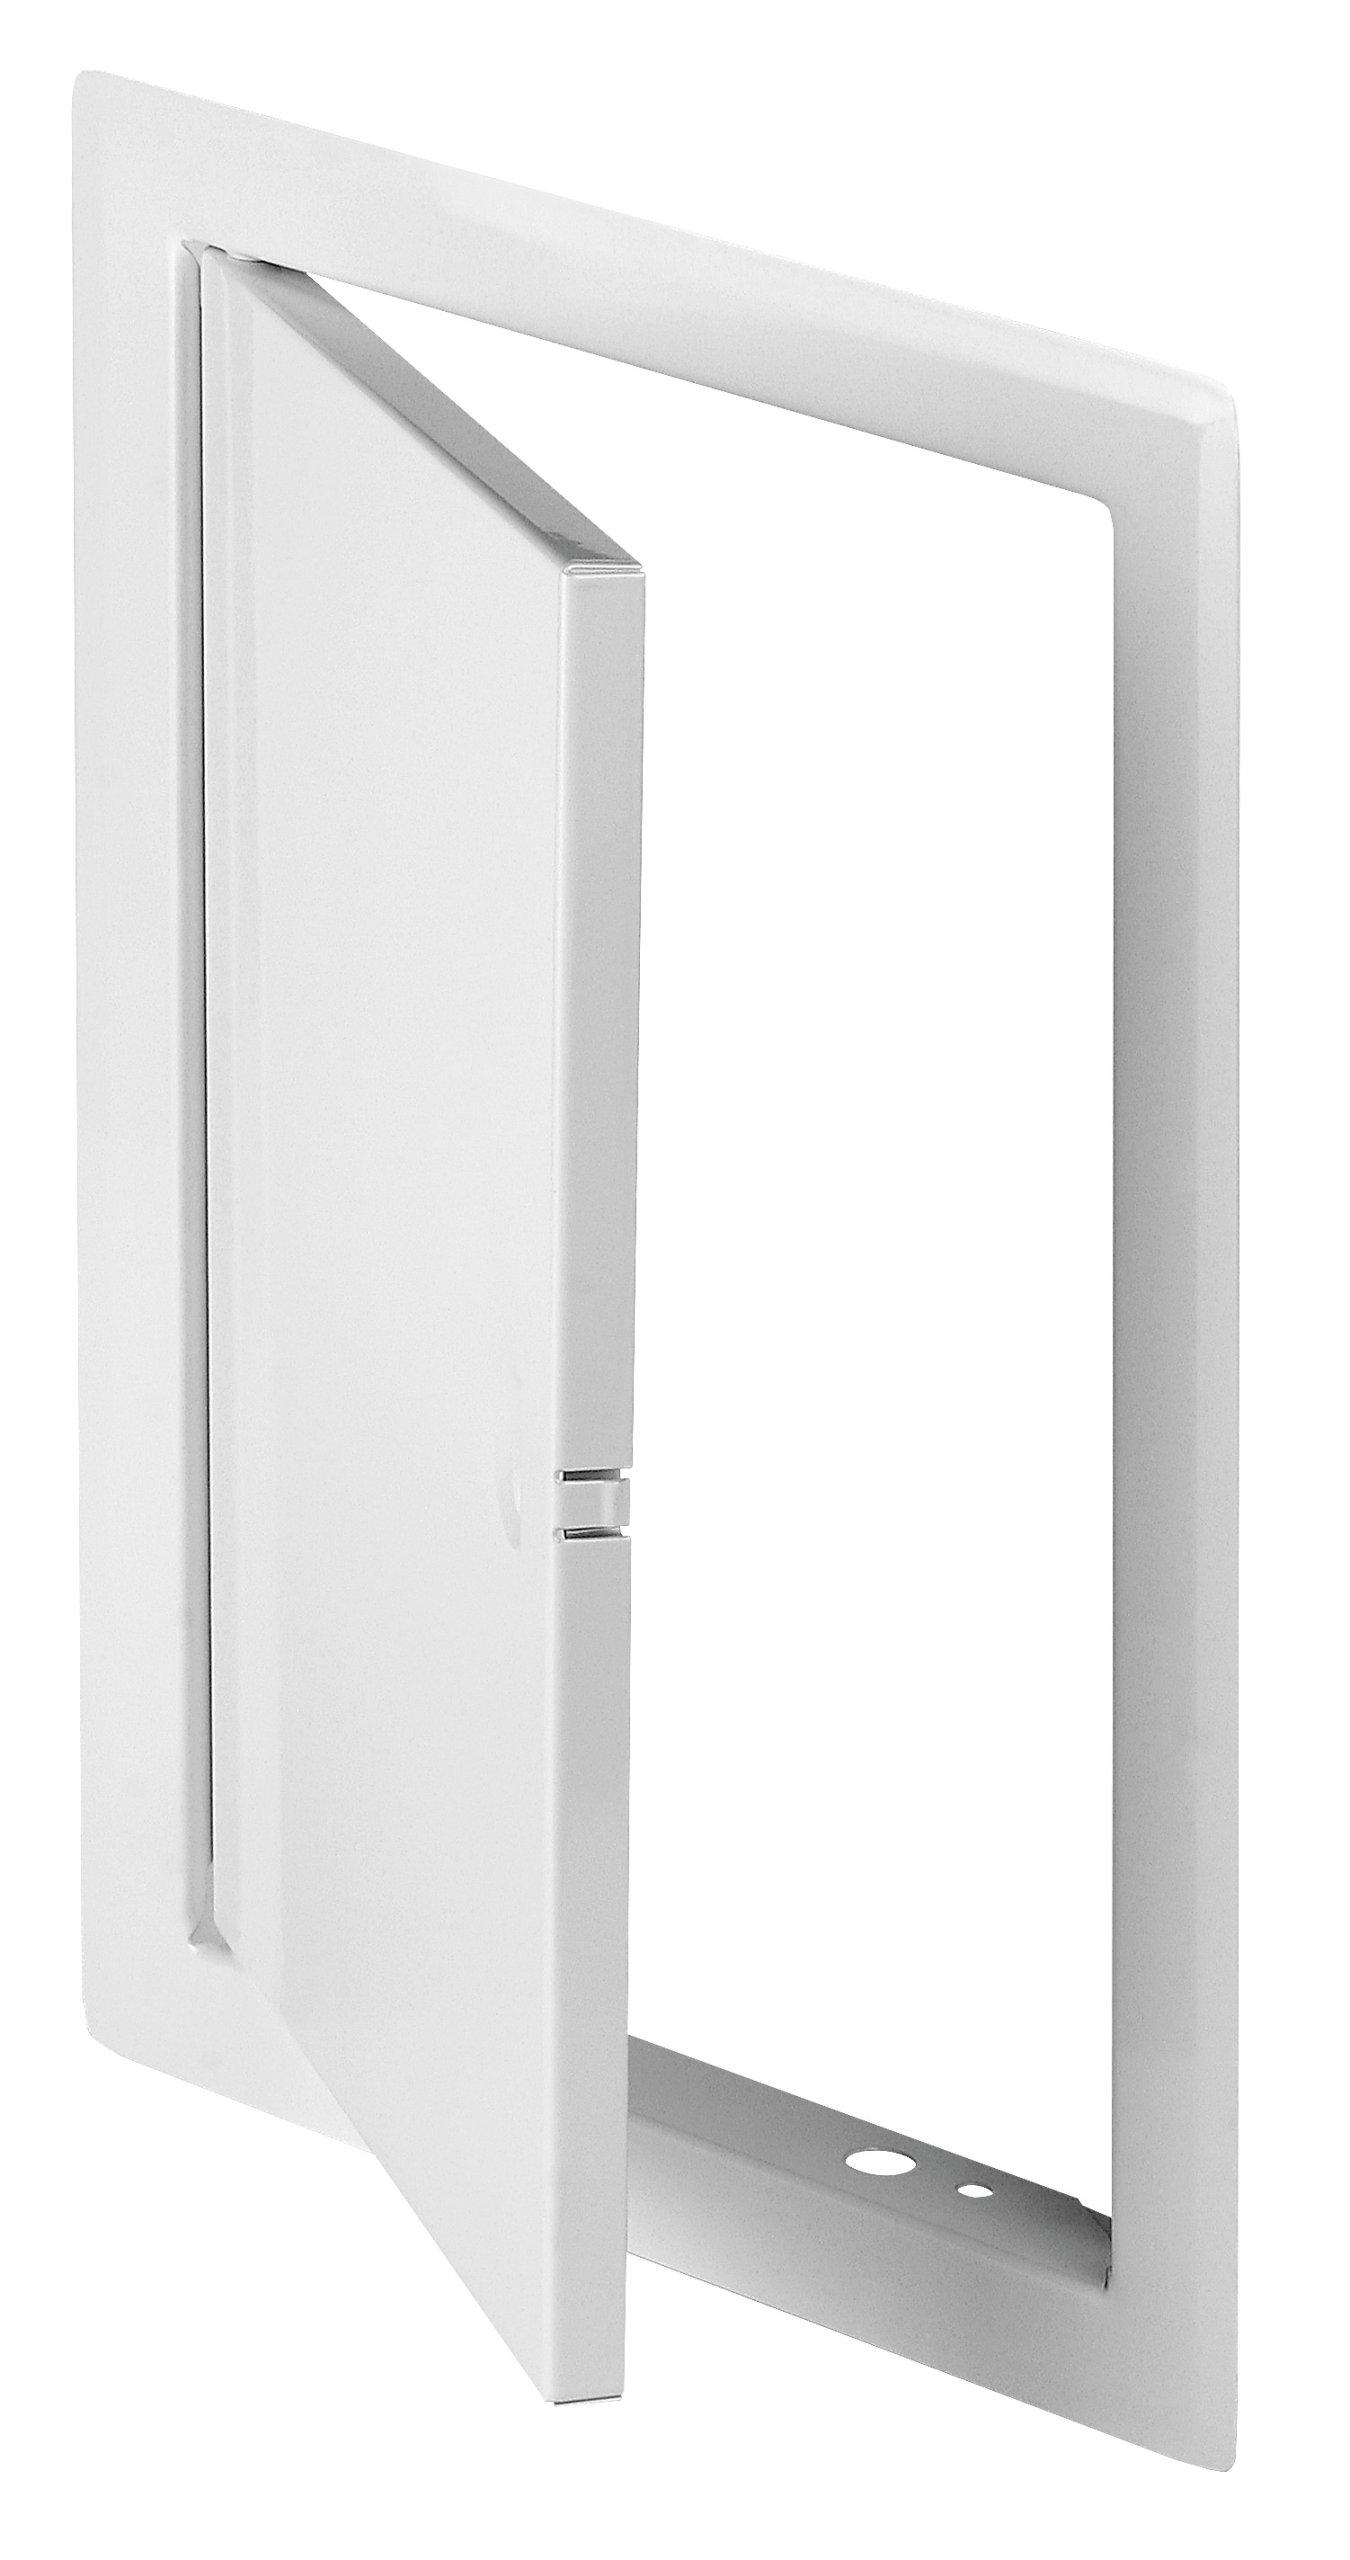 AIRIN дверцы РЕВИЗИОННЫЕ металлические EDM103 50x60